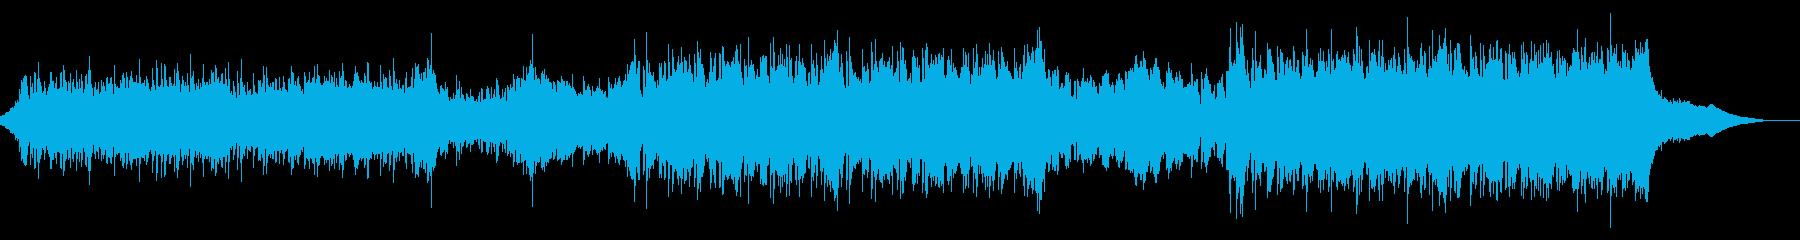 シネマティックなアンビエントテクスチャーの再生済みの波形